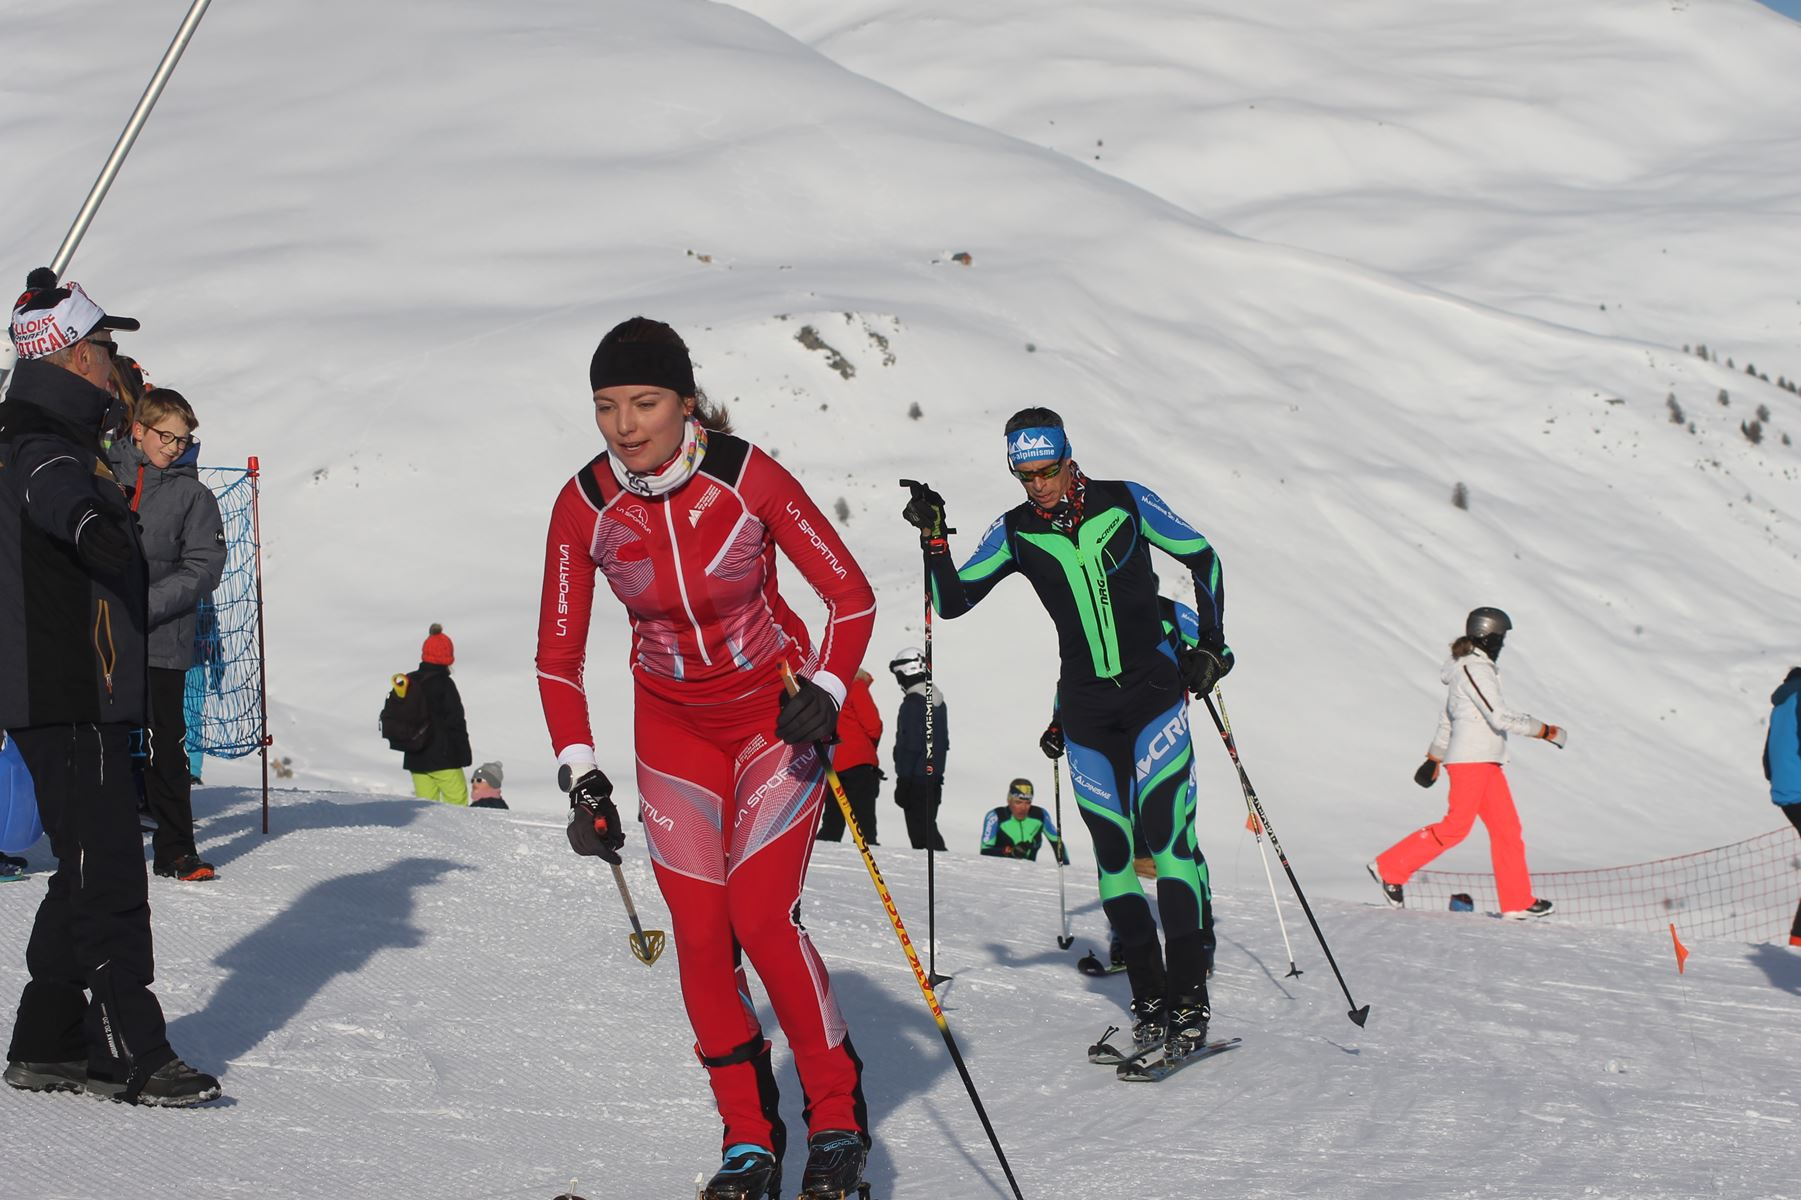 Candice Bonnel 2eme femme - Résultats de la 3ème édition du Valloire Dynafit Vertical (ski alpi) 04/01/2020